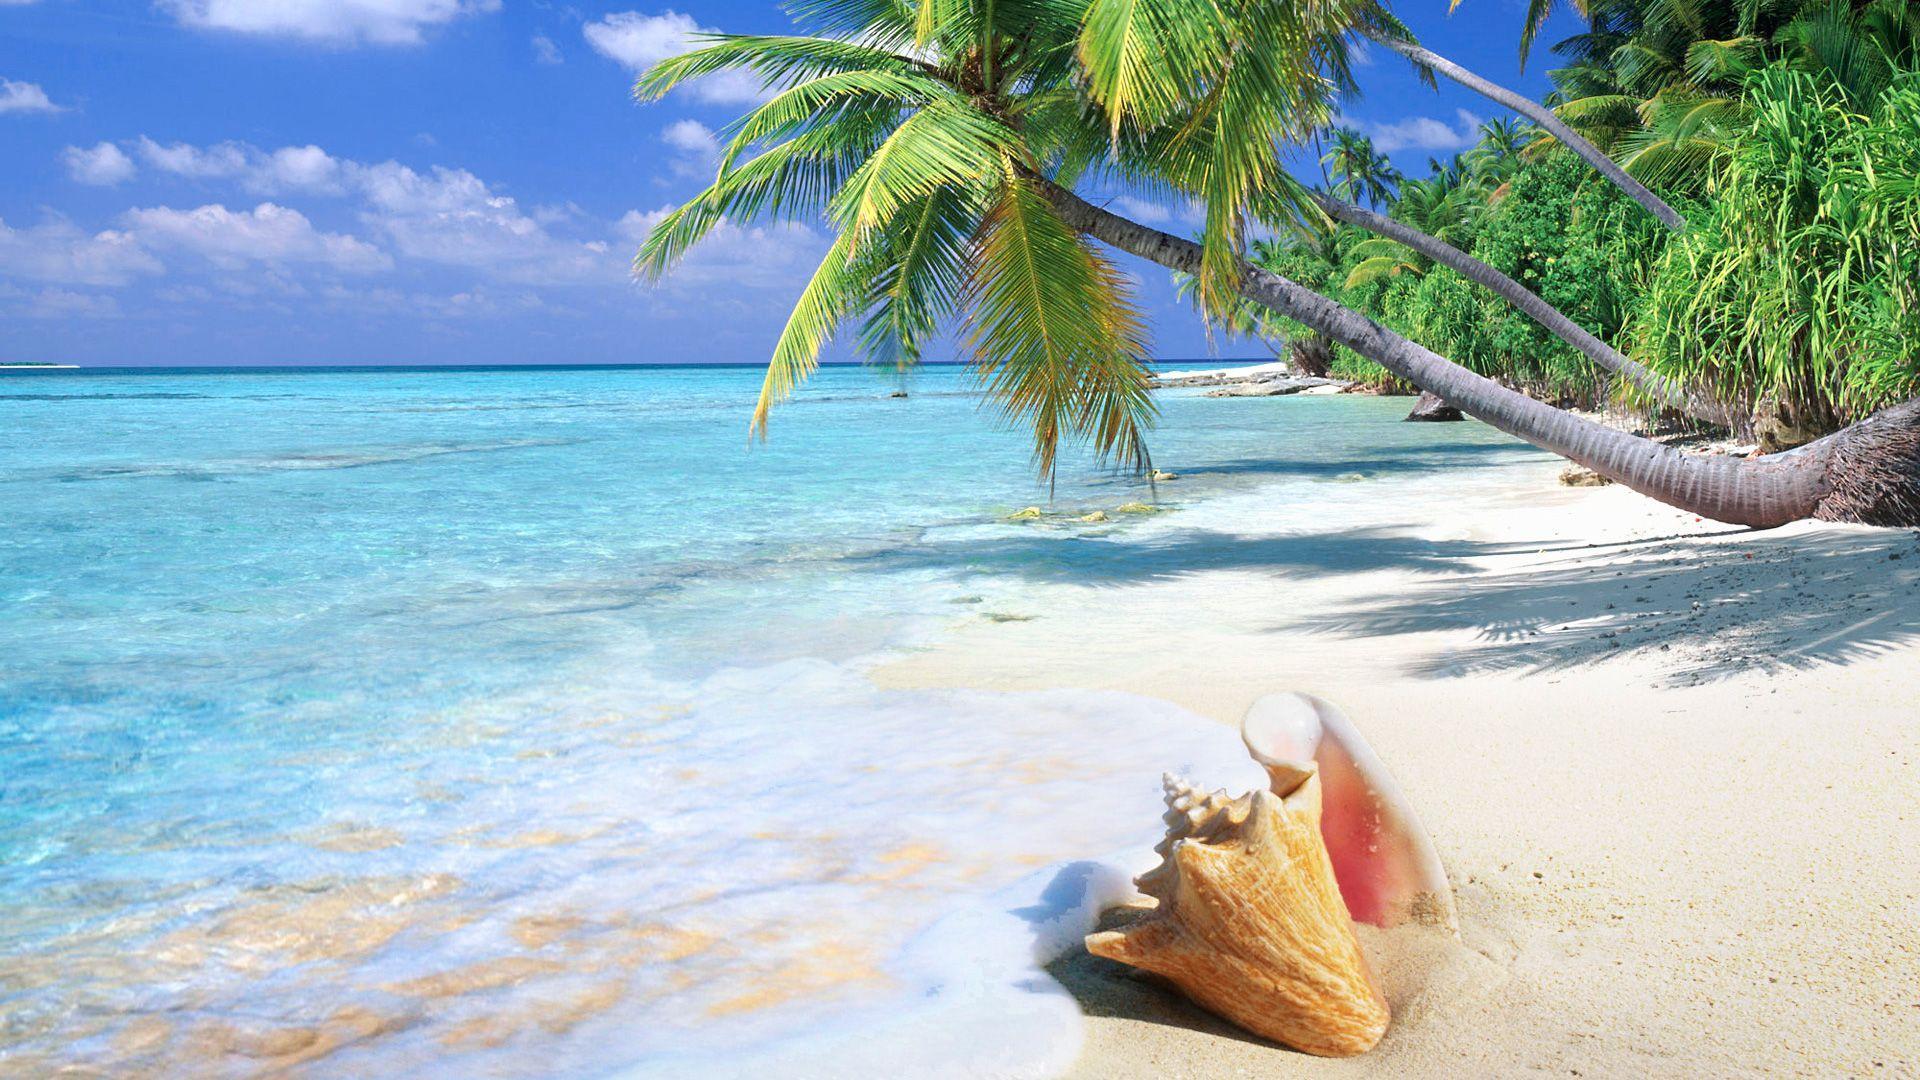 1920x1080 Tropical Island hình nền miễn phí